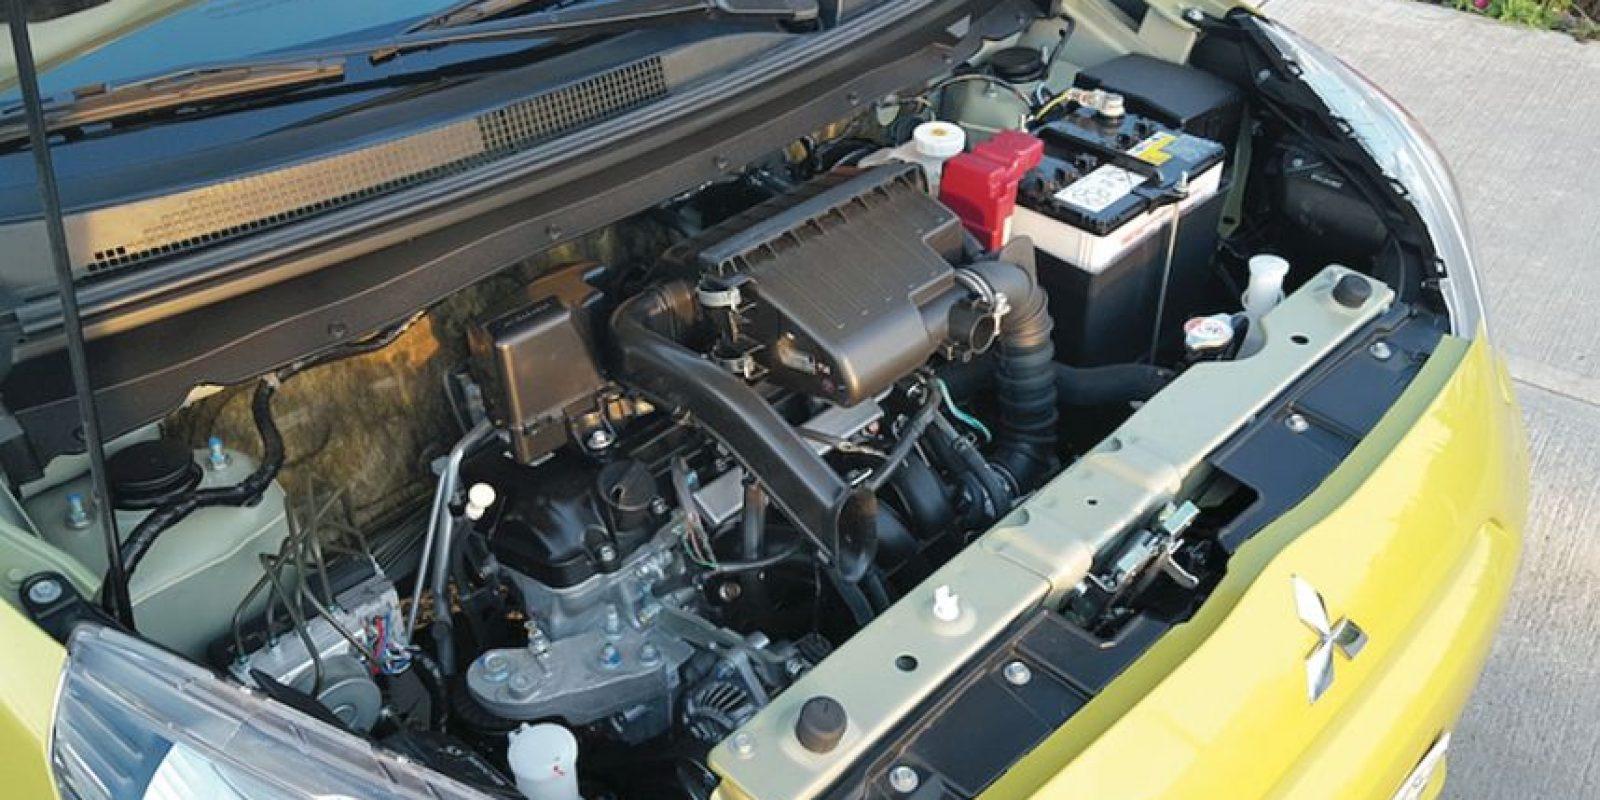 El motor de tres cilíndros 1.2 litros del Mirage es su as bajo la manga. Foto: Mario Rossi